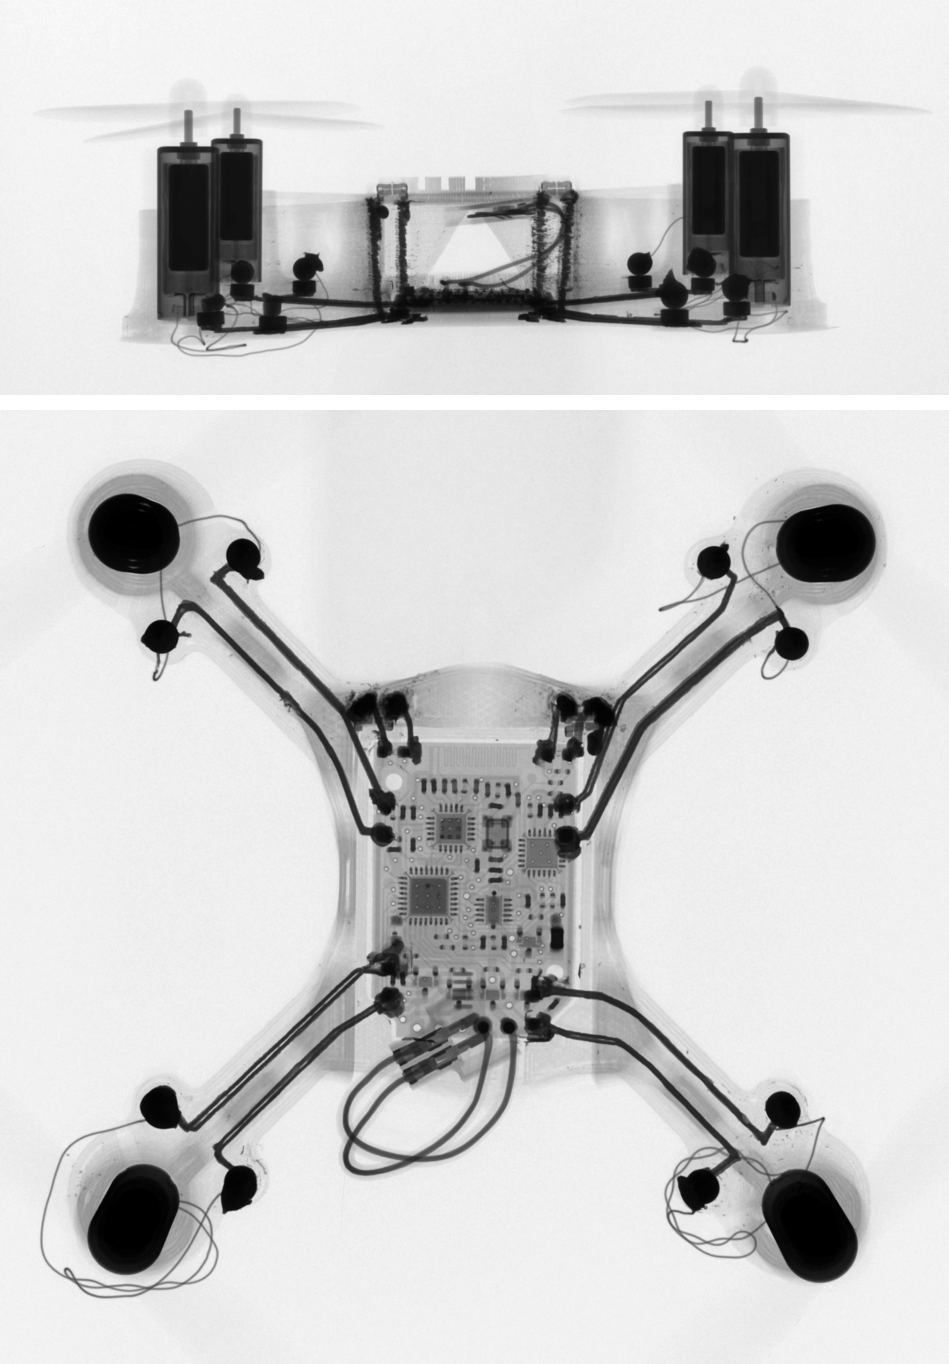 3D printer 1